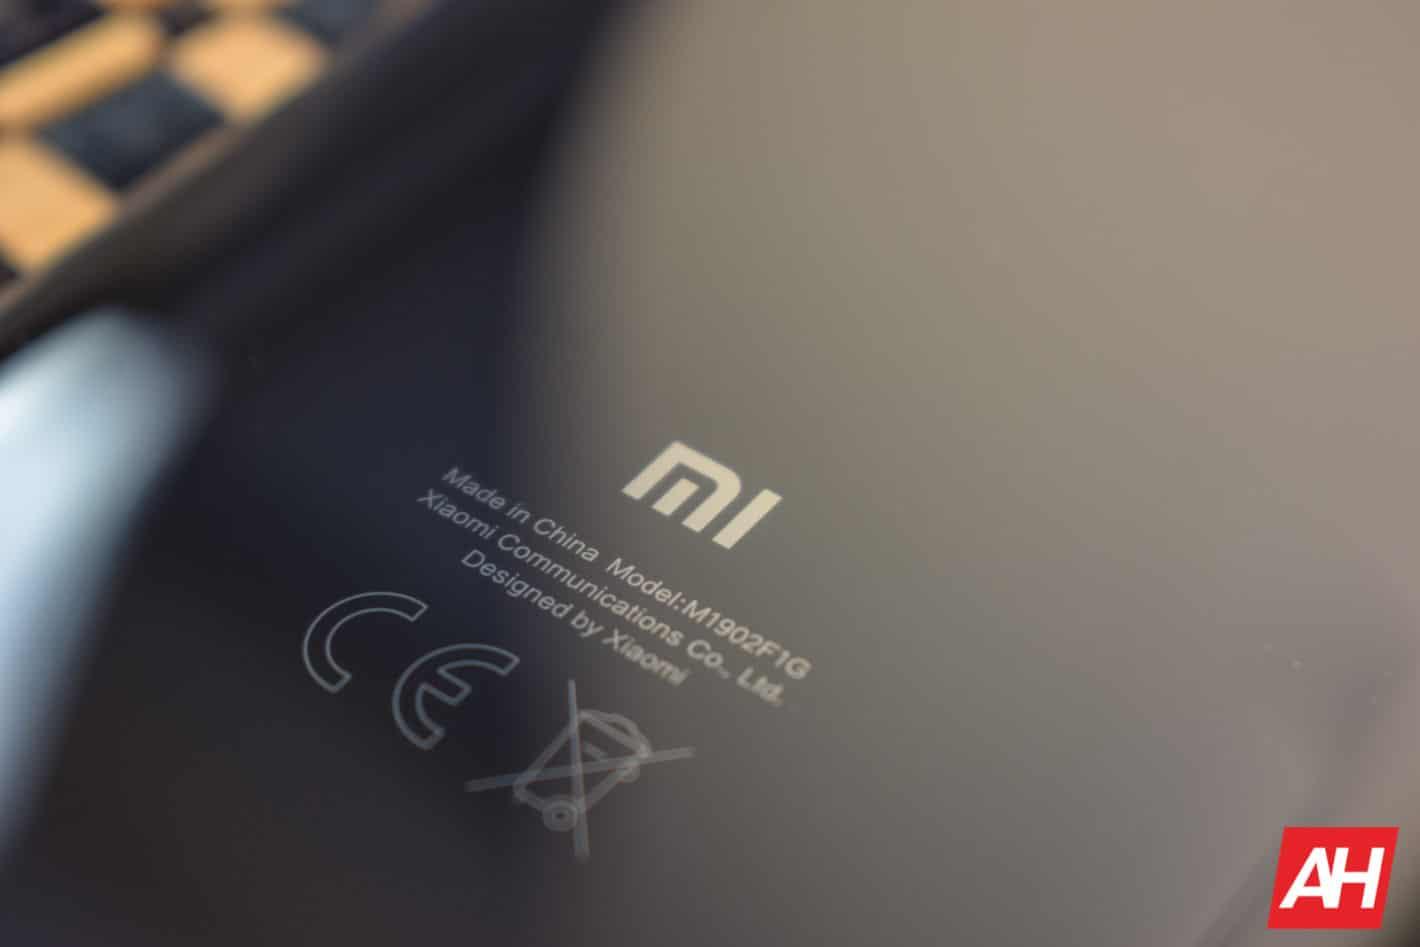 Xiaomi devance Huawei et devient le troisième plus grand fabricant de smartphones au monde